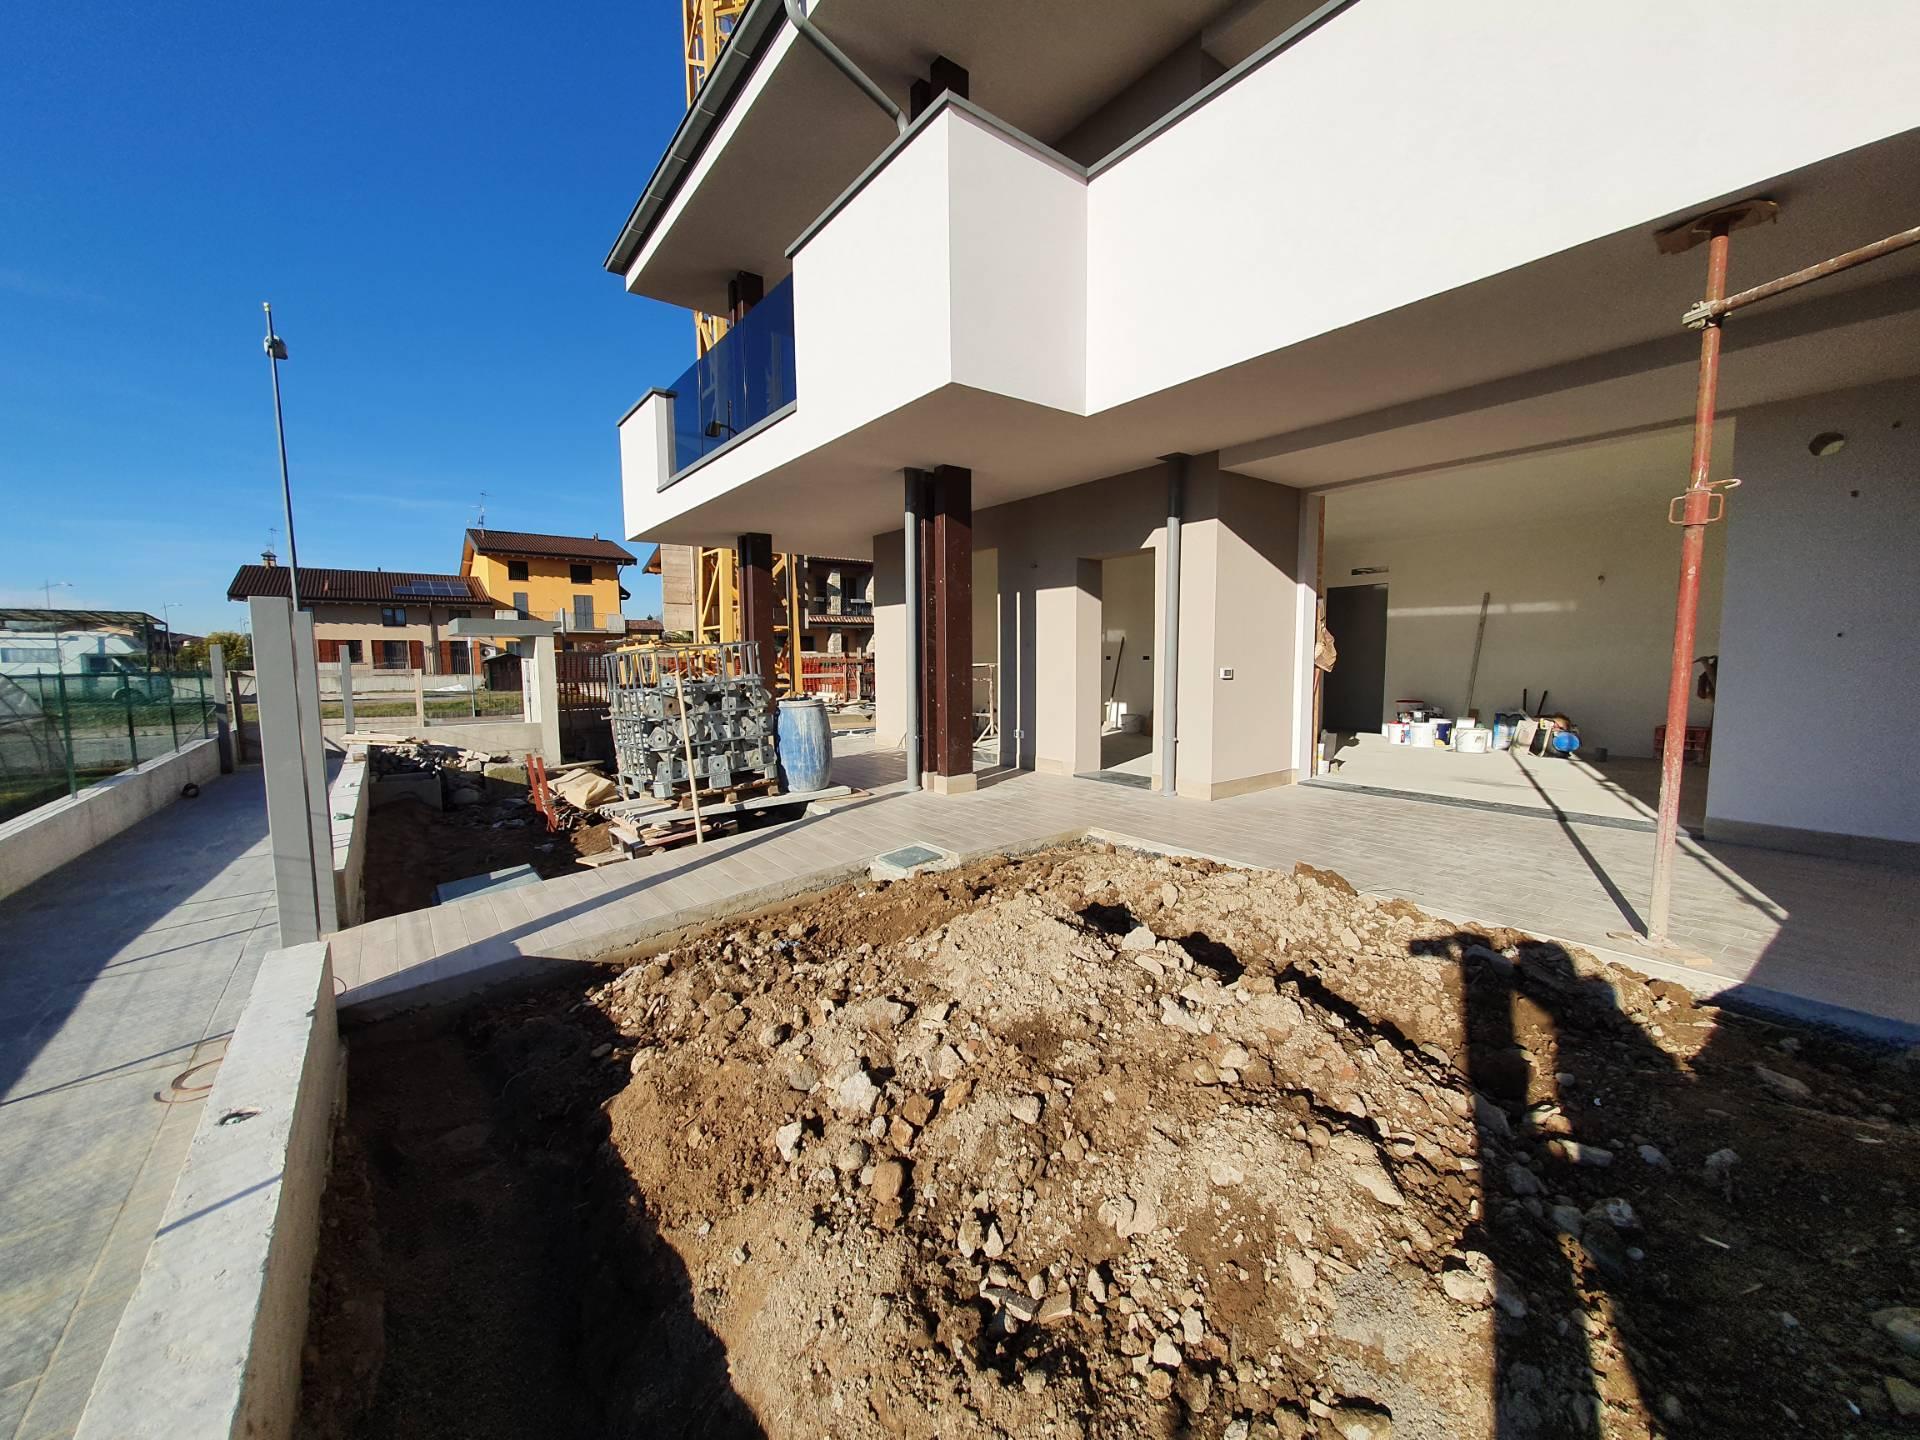 Appartamento in vendita a Grassobbio, 4 locali, prezzo € 345.000 | PortaleAgenzieImmobiliari.it